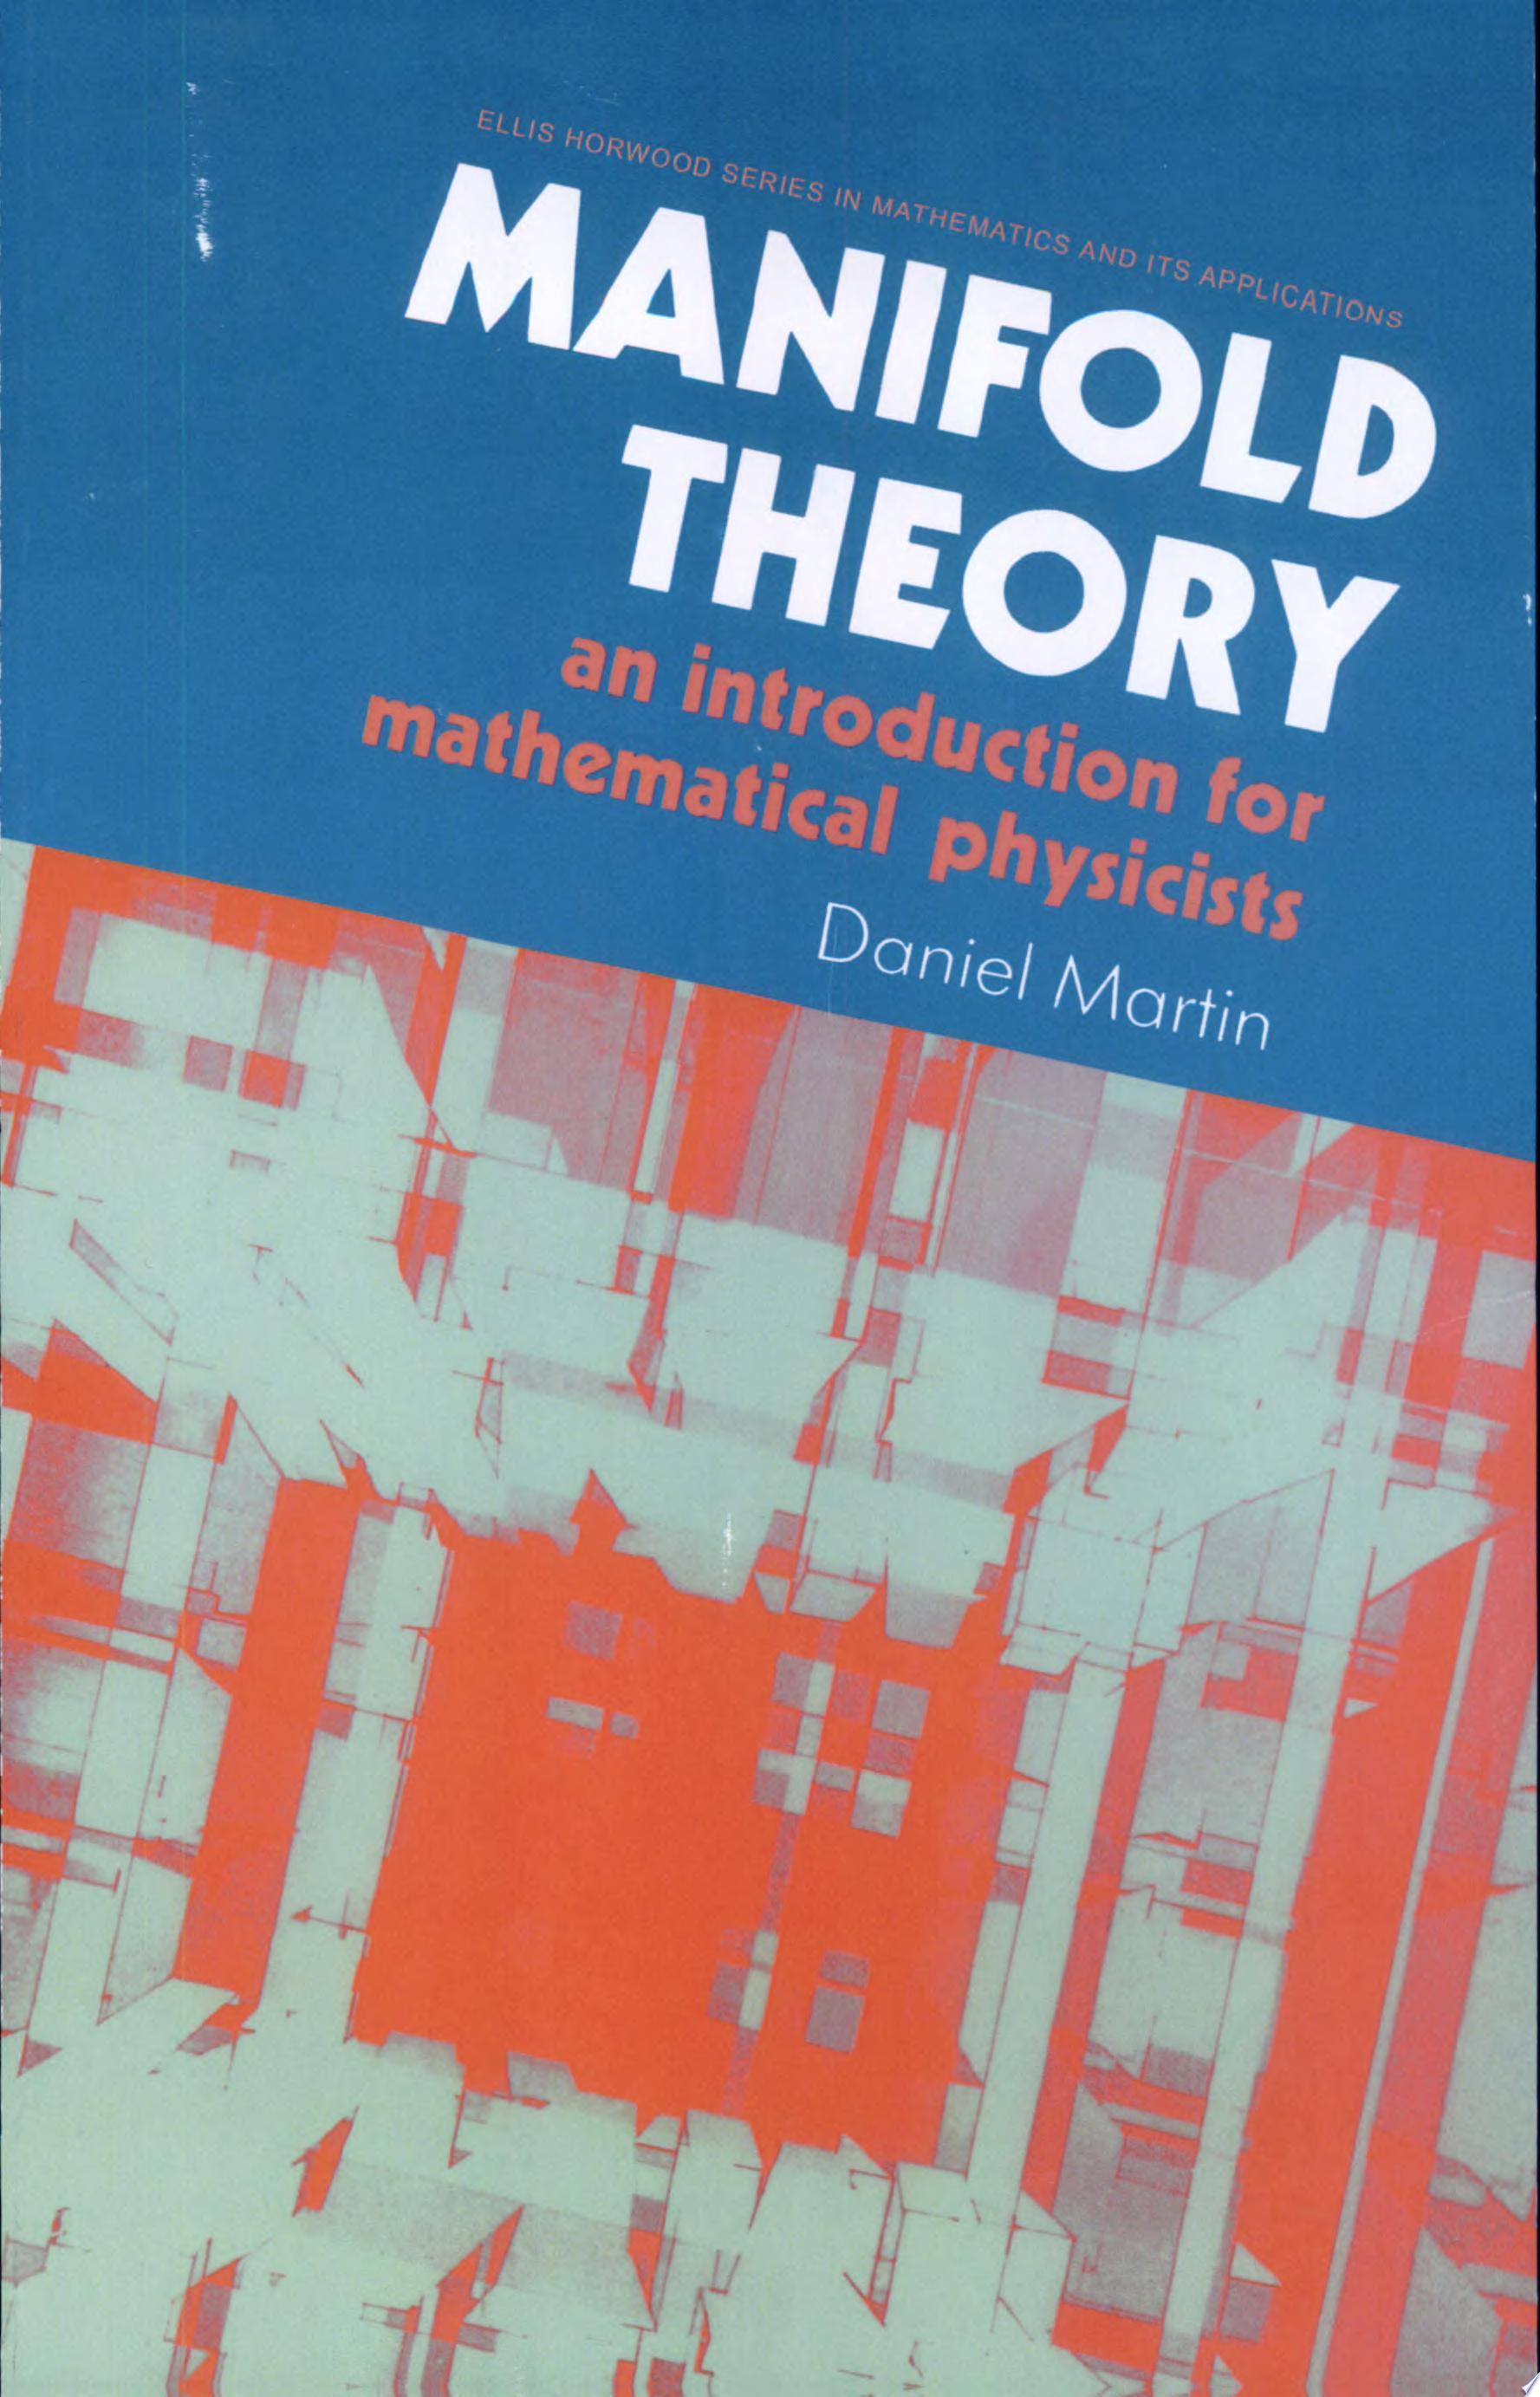 Manifold Theory